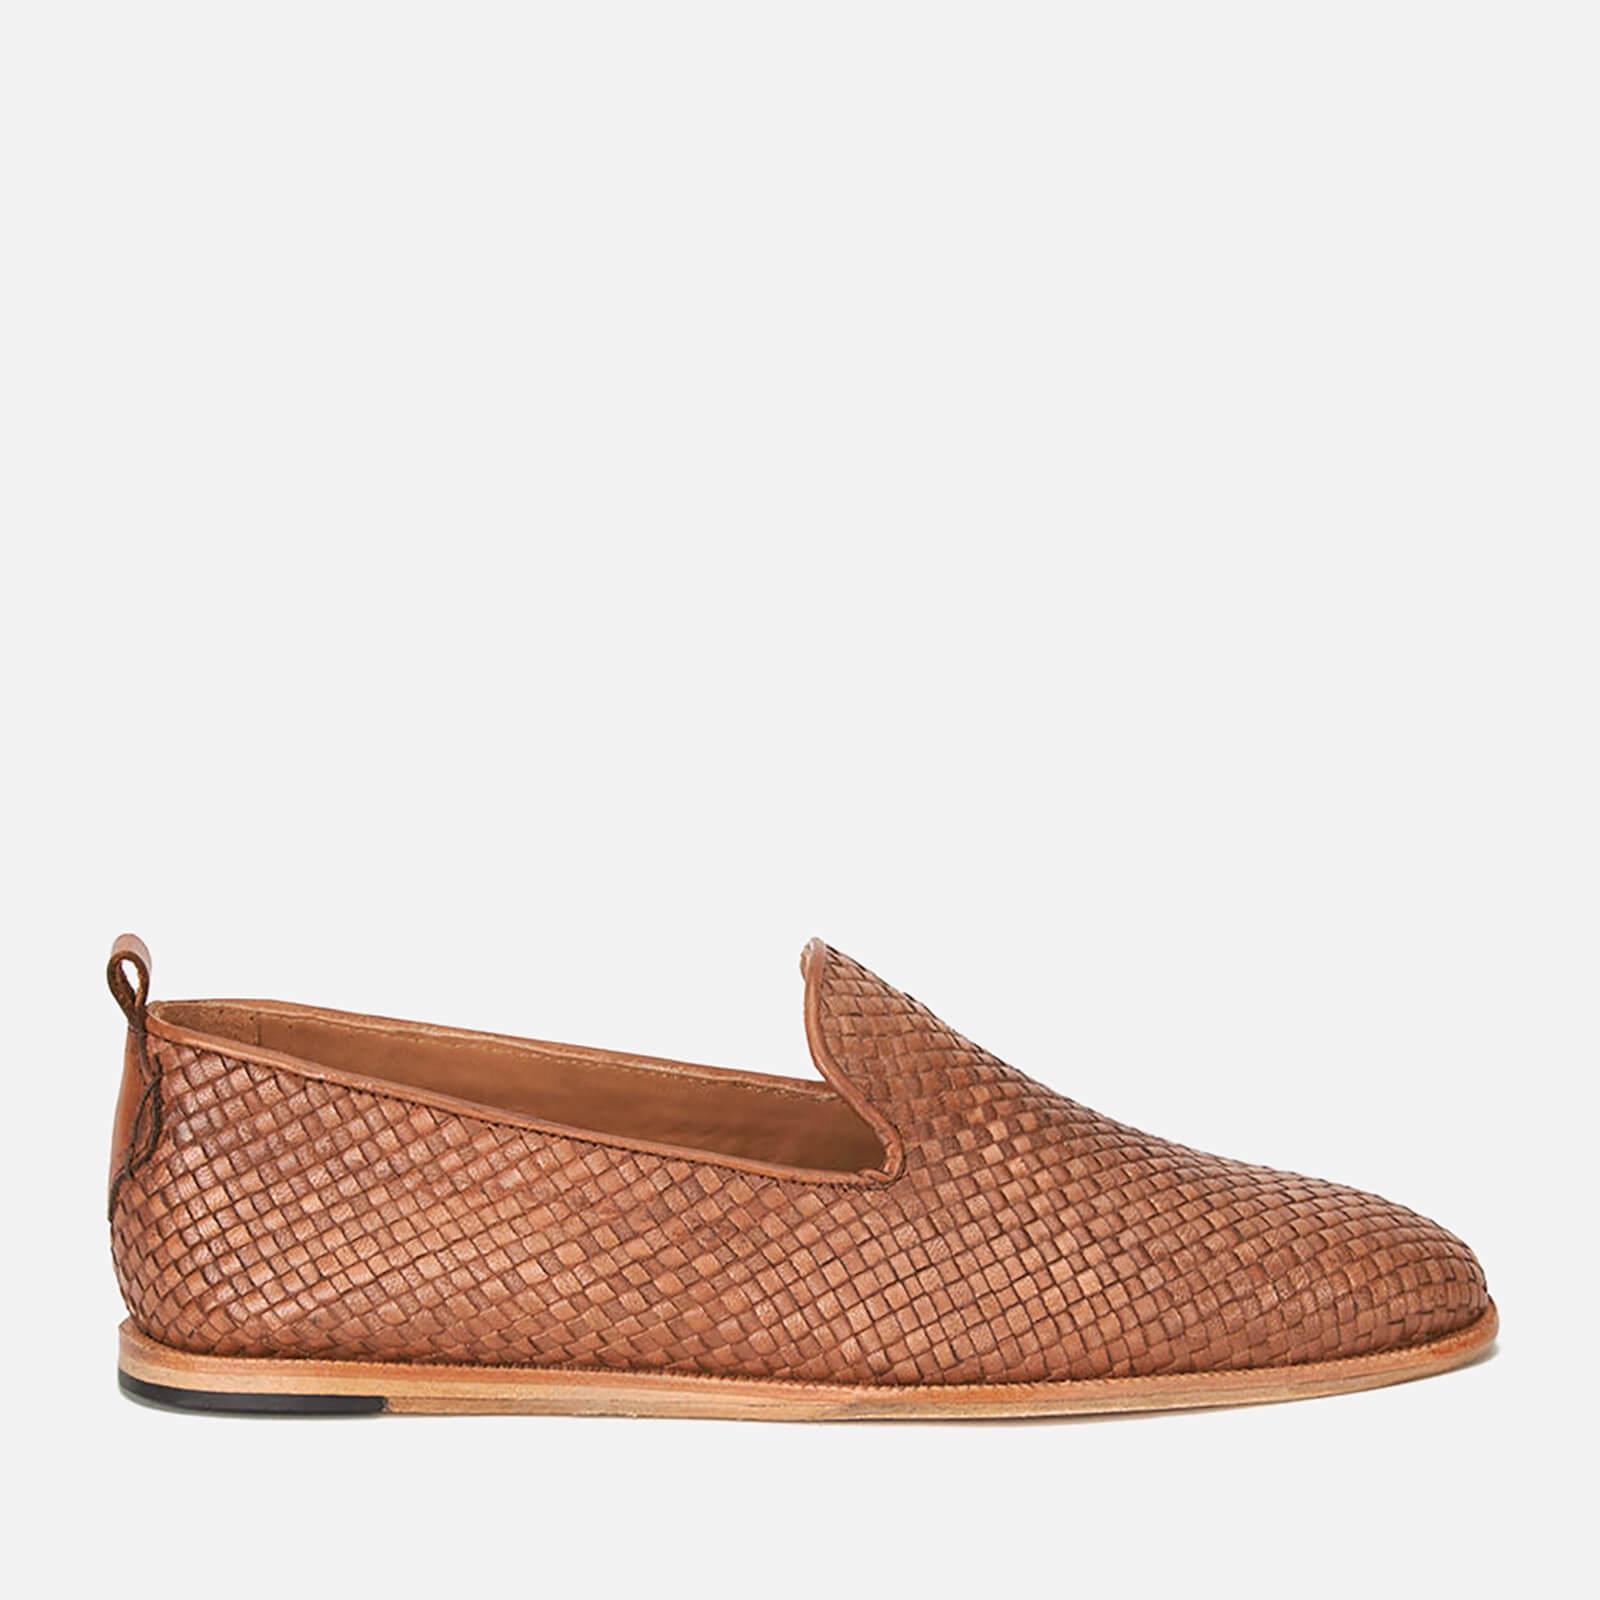 Hudson London Men's Ipanema Weave Slip on Leather Shoes - Tan - UK 8 - Tan